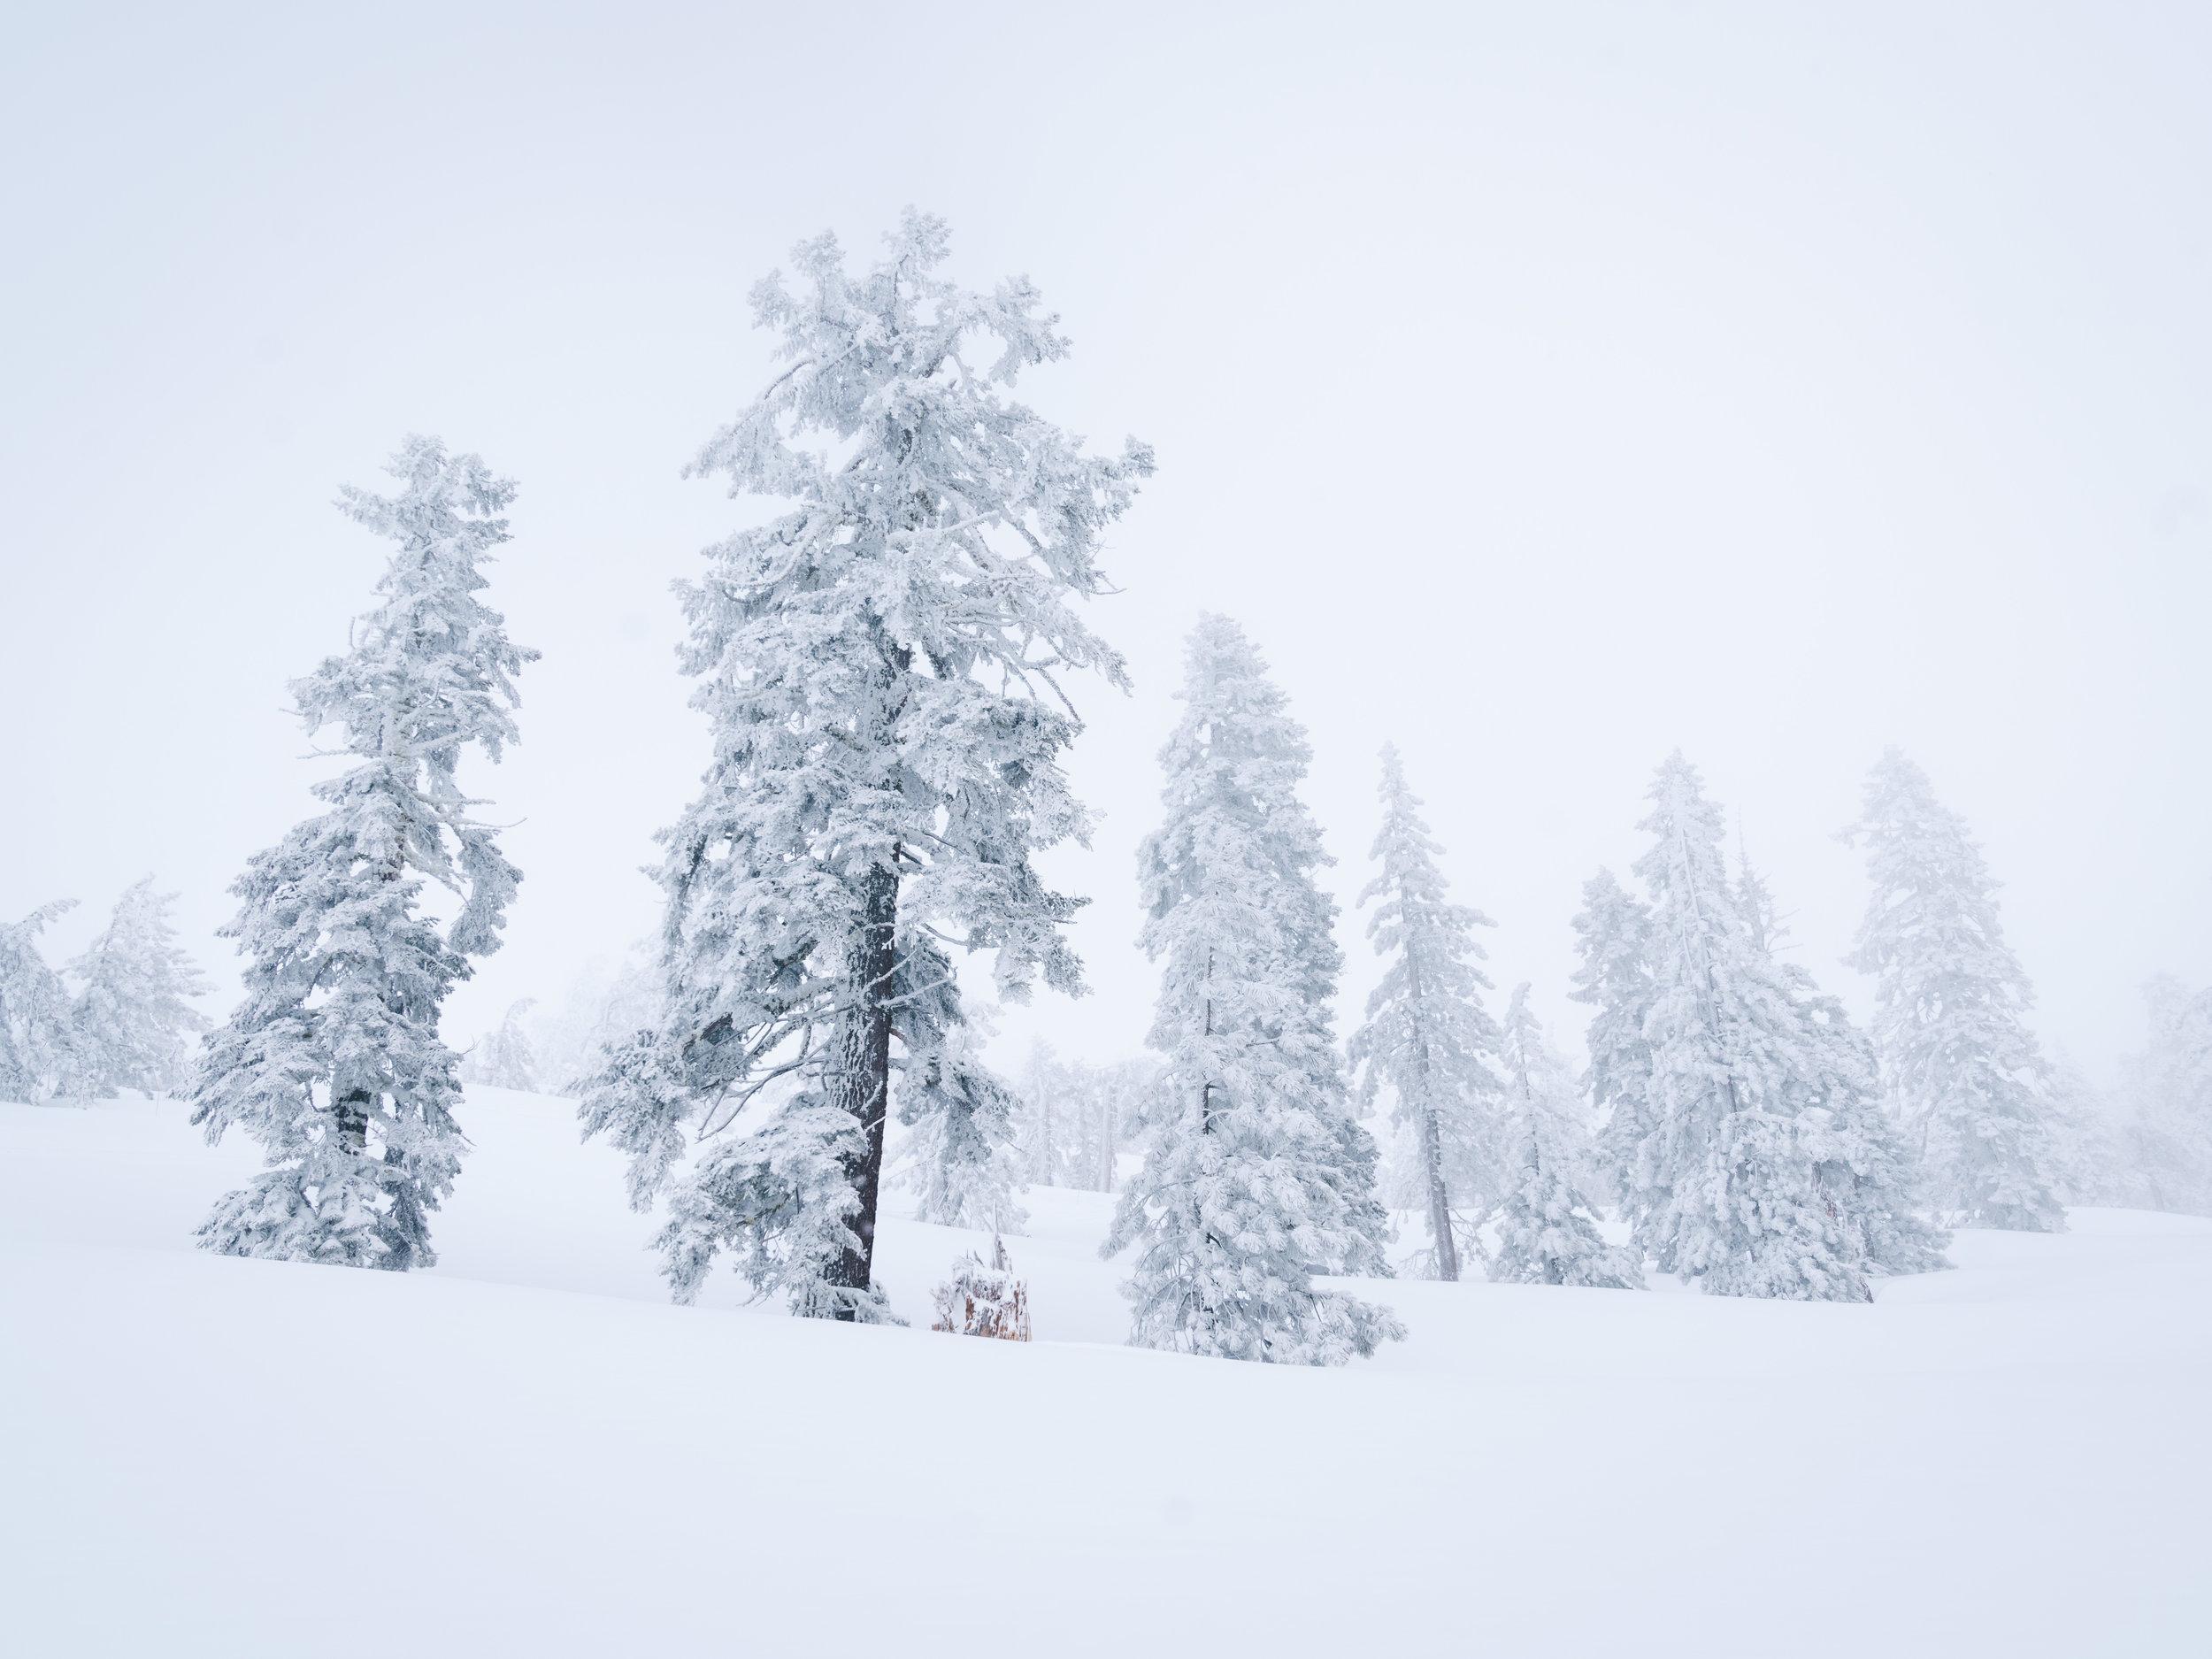 Tahoe_Snowfall.jpg